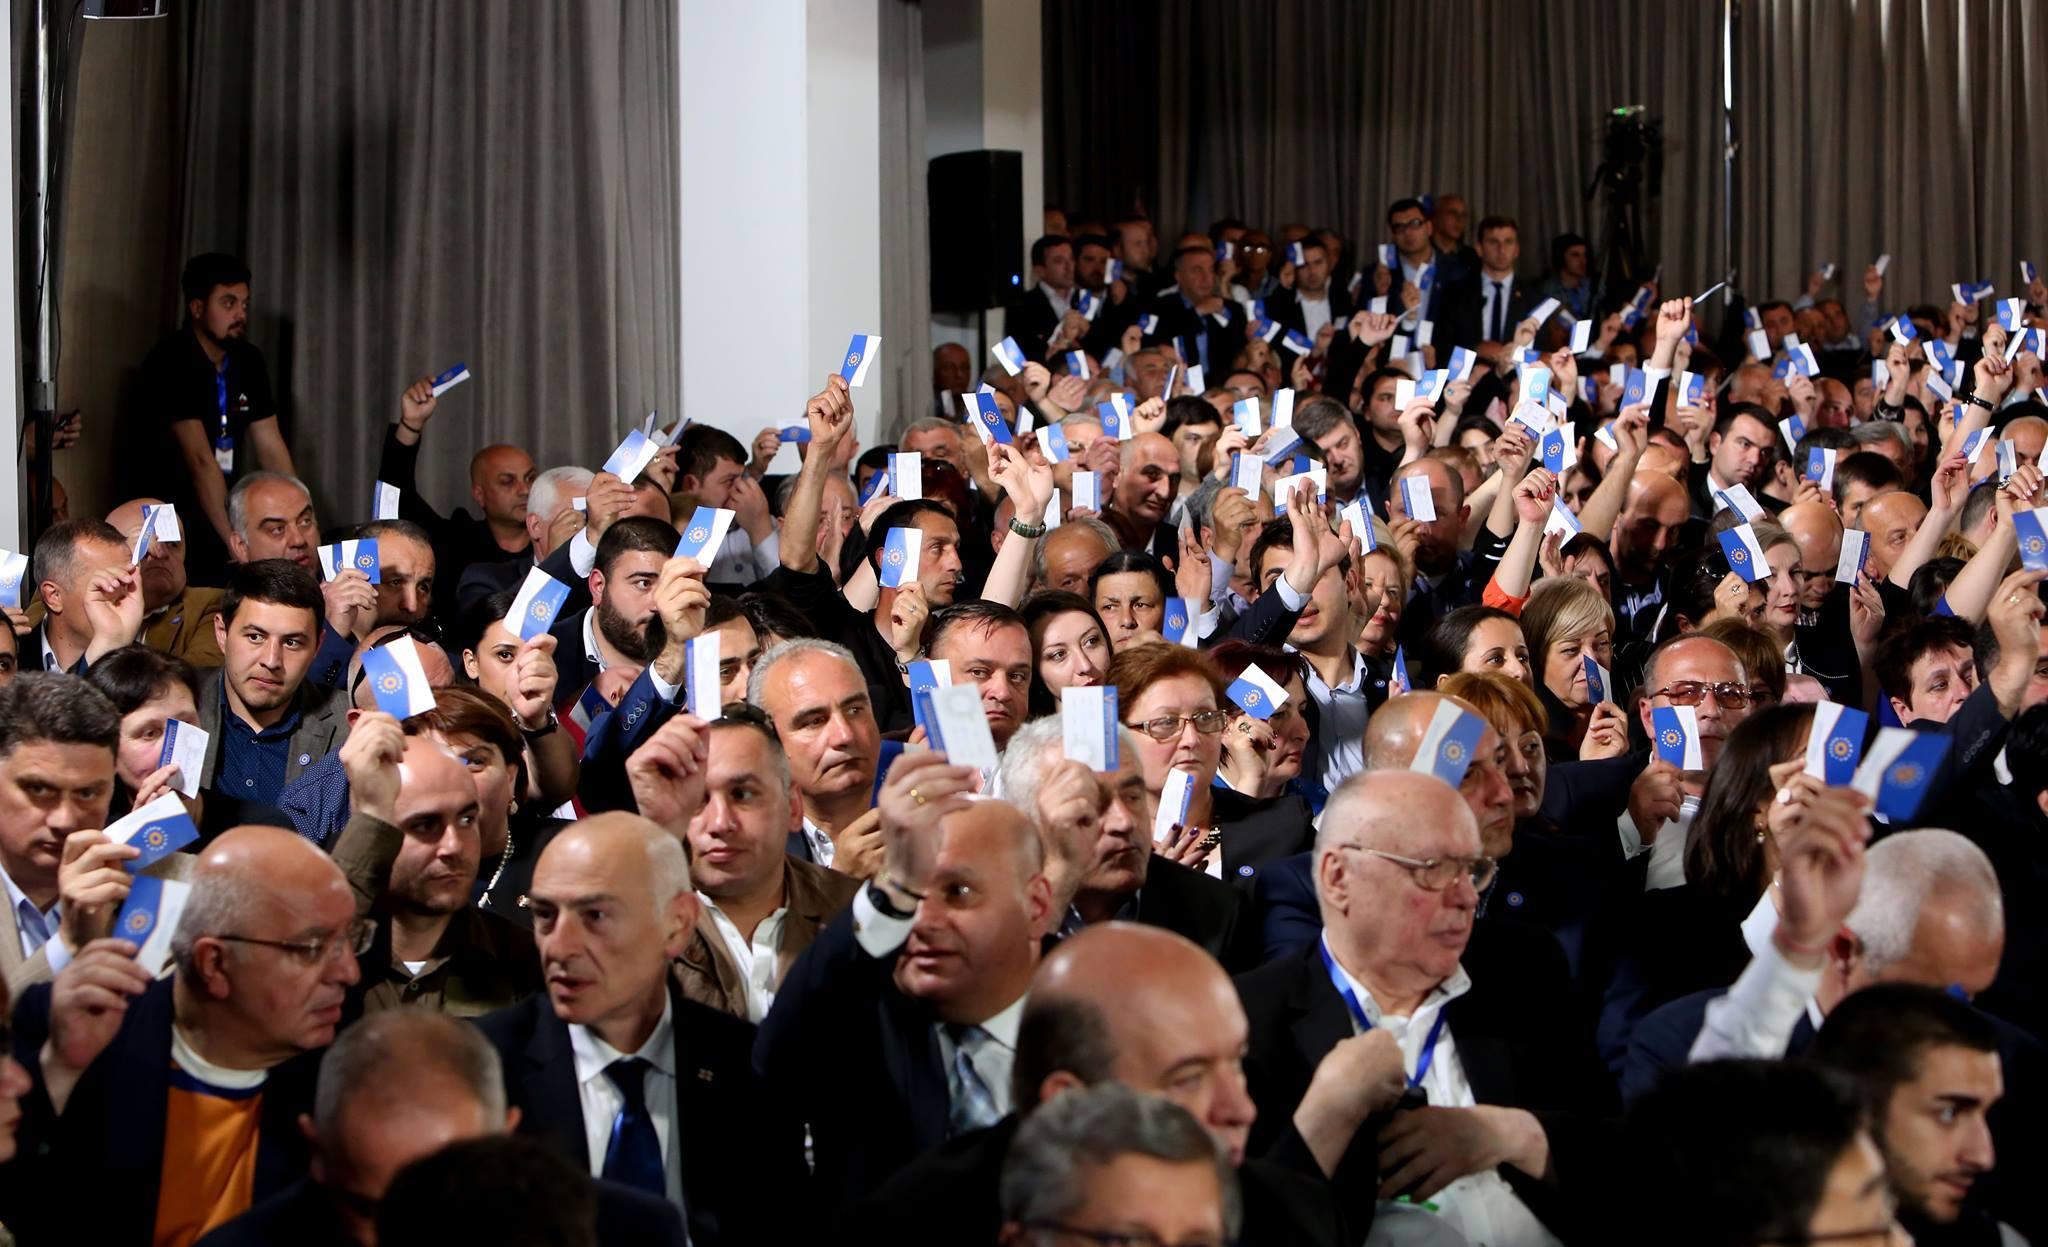 რას ფიქრობენ ქართული ოცნების წევრები მათი ლიდერის დაბრუნებაზე